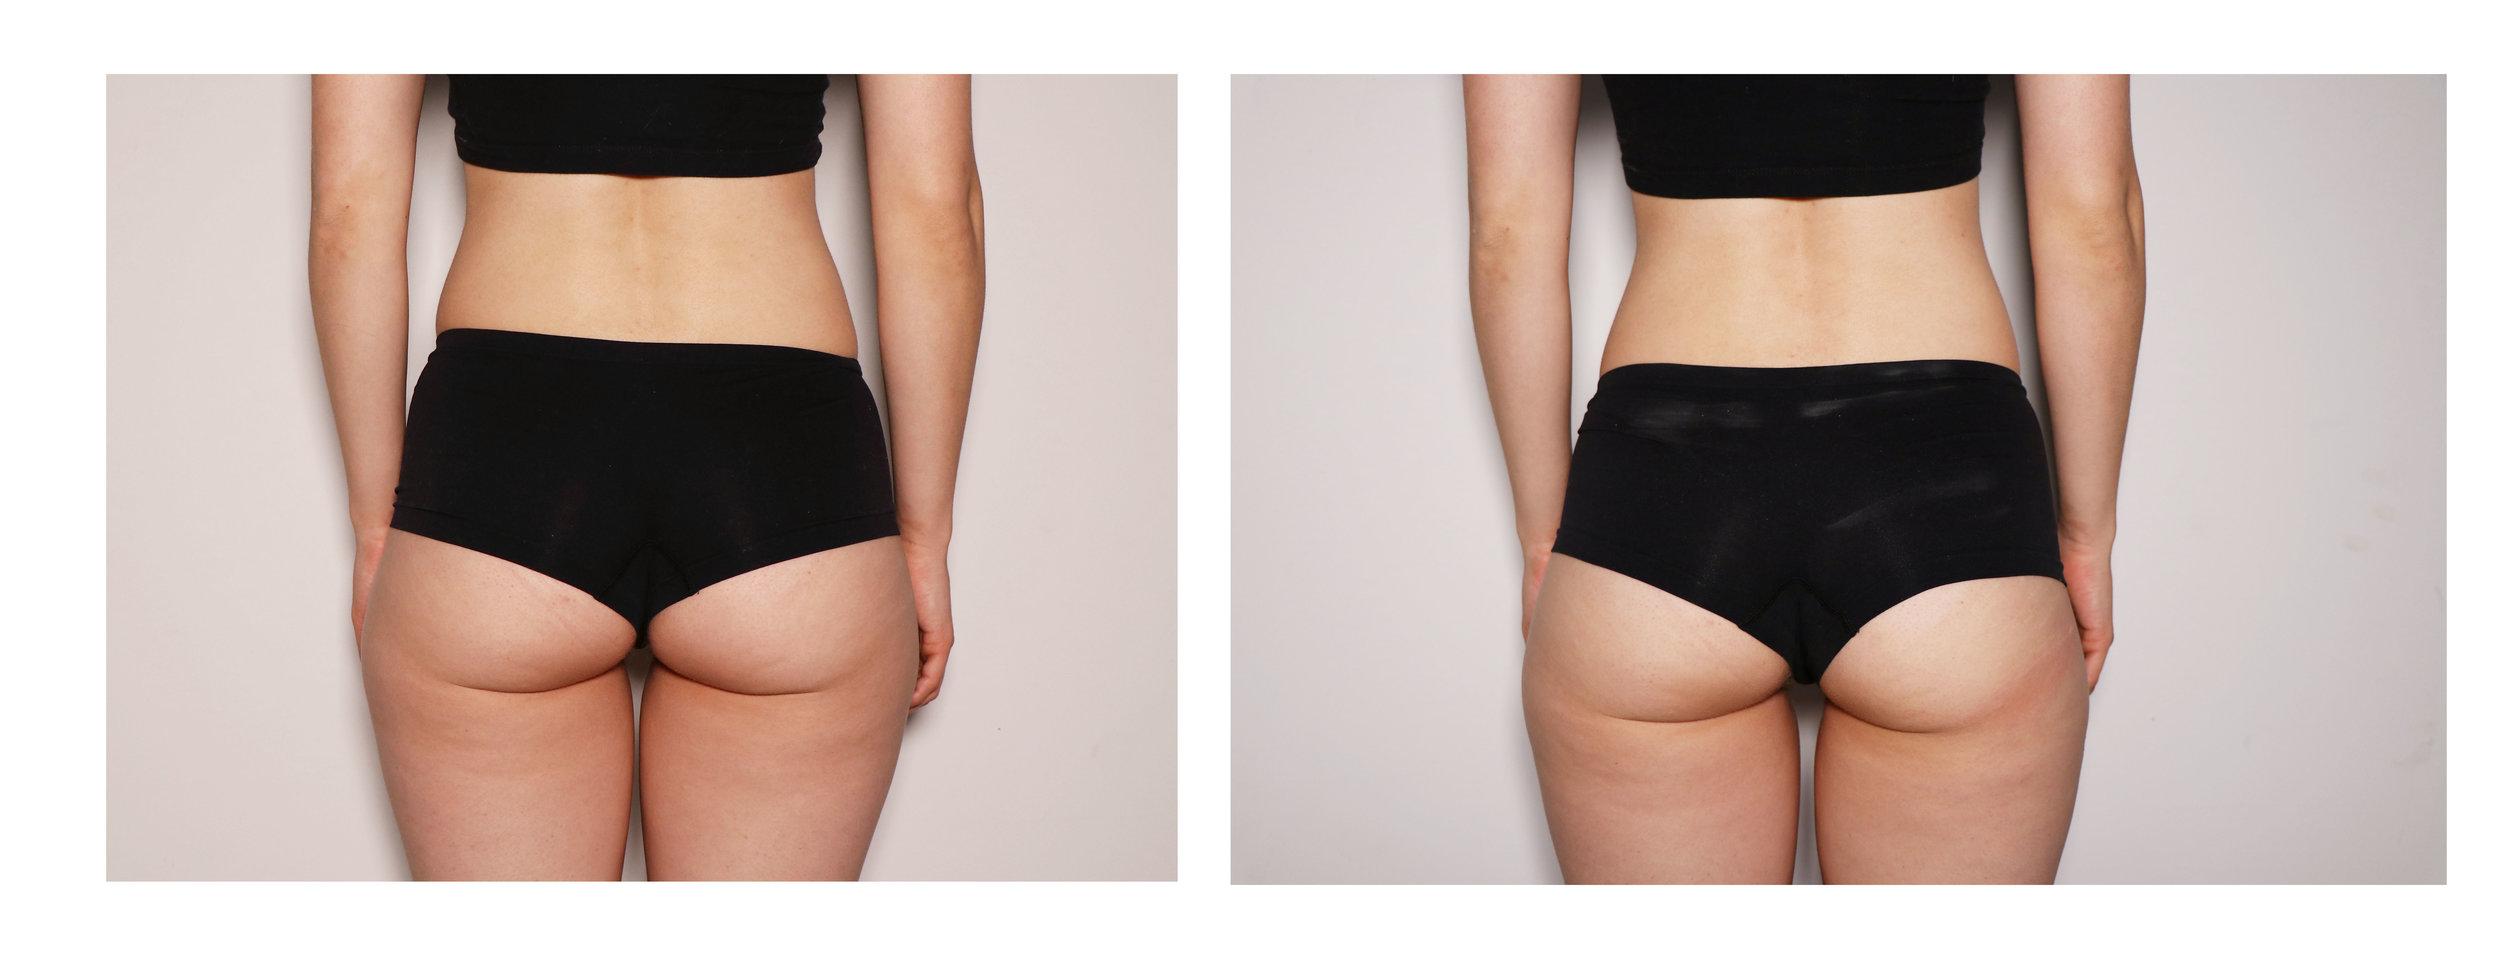 Female Butt Toning.jpg